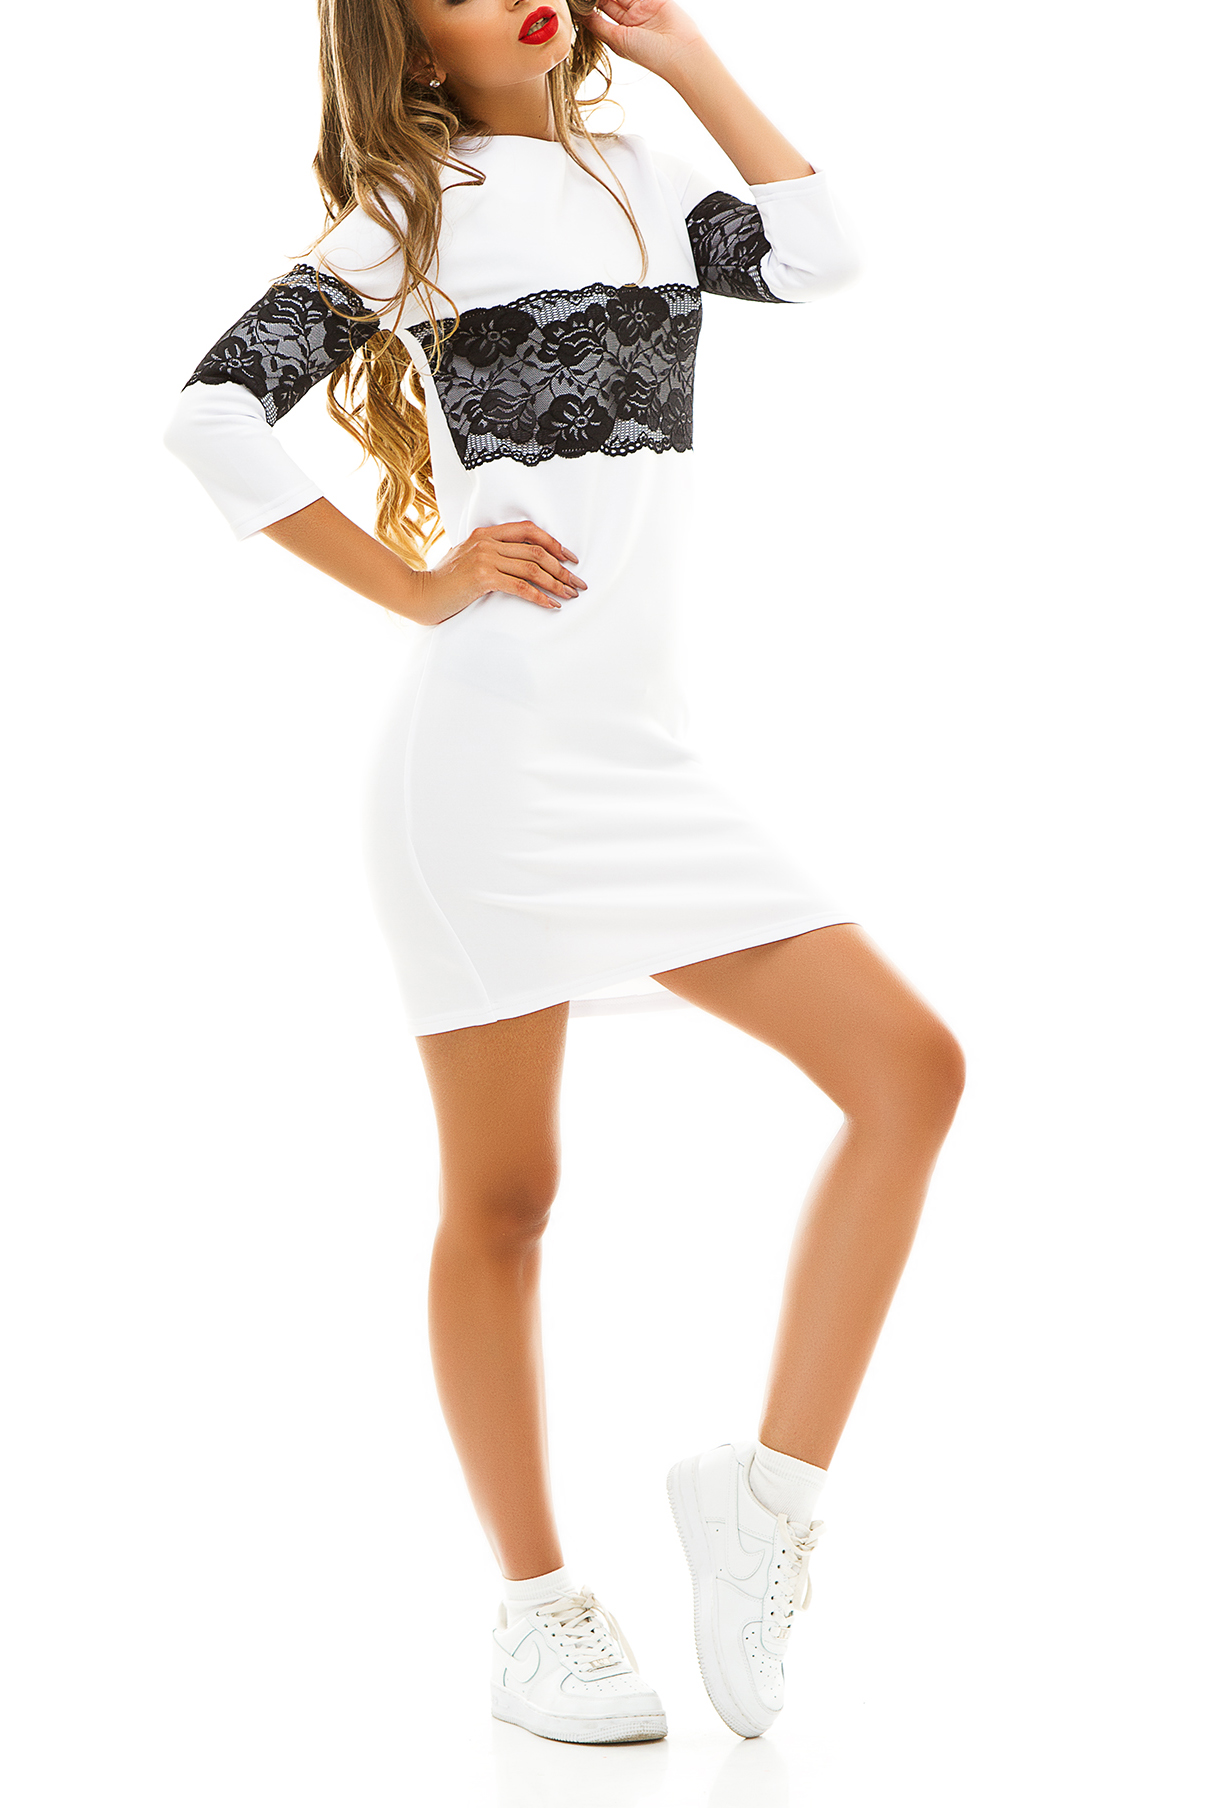 ПлатьеПлатья<br>Демисезонное платье, украшенное широкой кружевной вставкой контрастного цвета идеально подойдет для молодой девушки, которая ценит гармоничное соединение модных тенденций и комфорта. Широкое кружево на груди и рукавах зрительно увеличивает грудь и уменьшает талию. Особым преимуществом этой модели можно считать универсальность.  Цвет: молочный с черным кружевом.  Ростовка изделия 170 см<br><br>Горловина: Лодочка<br>По длине: До колена<br>По материалу: Гипюр,Трикотаж<br>По рисунку: Цветные<br>По силуэту: Полуприталенные<br>По стилю: Молодежный стиль,Повседневный стиль<br>По форме: Платье - футляр<br>По элементам: С декором<br>Рукав: Рукав три четверти<br>По сезону: Осень,Весна,Зима<br>Размер : 42-44<br>Материал: Трикотаж + Гипюр<br>Количество в наличии: 1